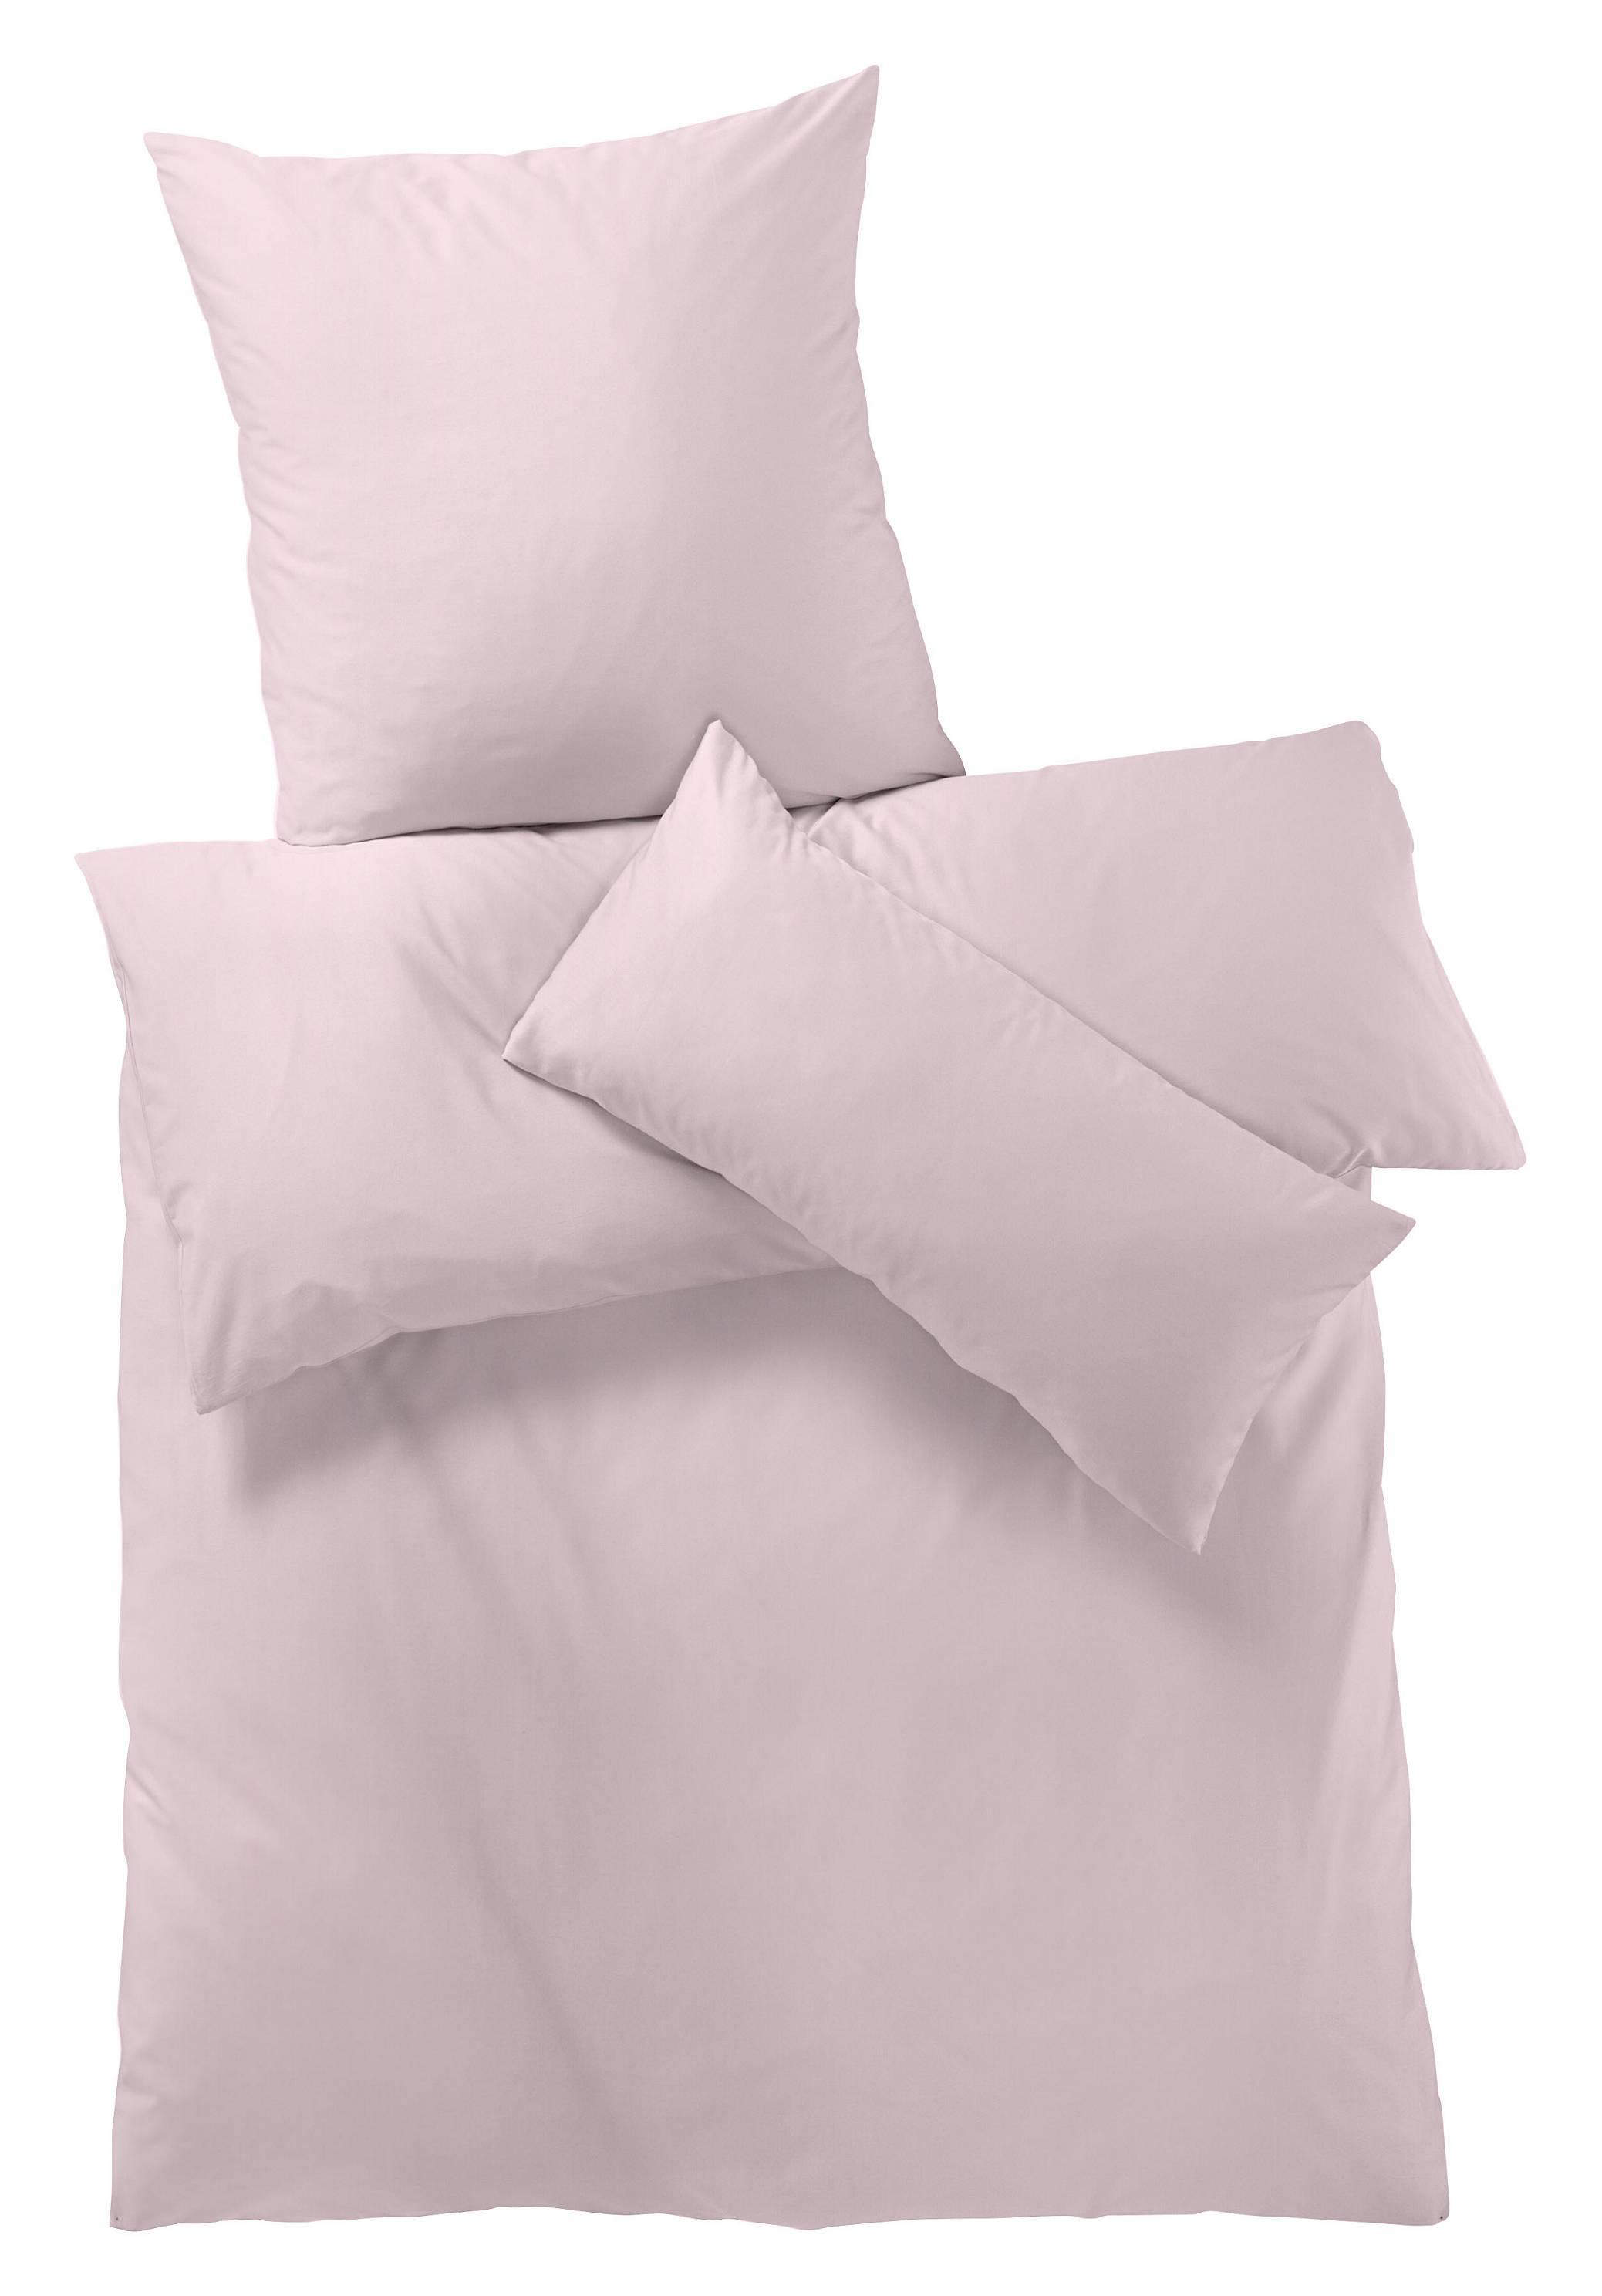 sale g nstige bio bettw sche online kaufen hessnatur schweiz. Black Bedroom Furniture Sets. Home Design Ideas